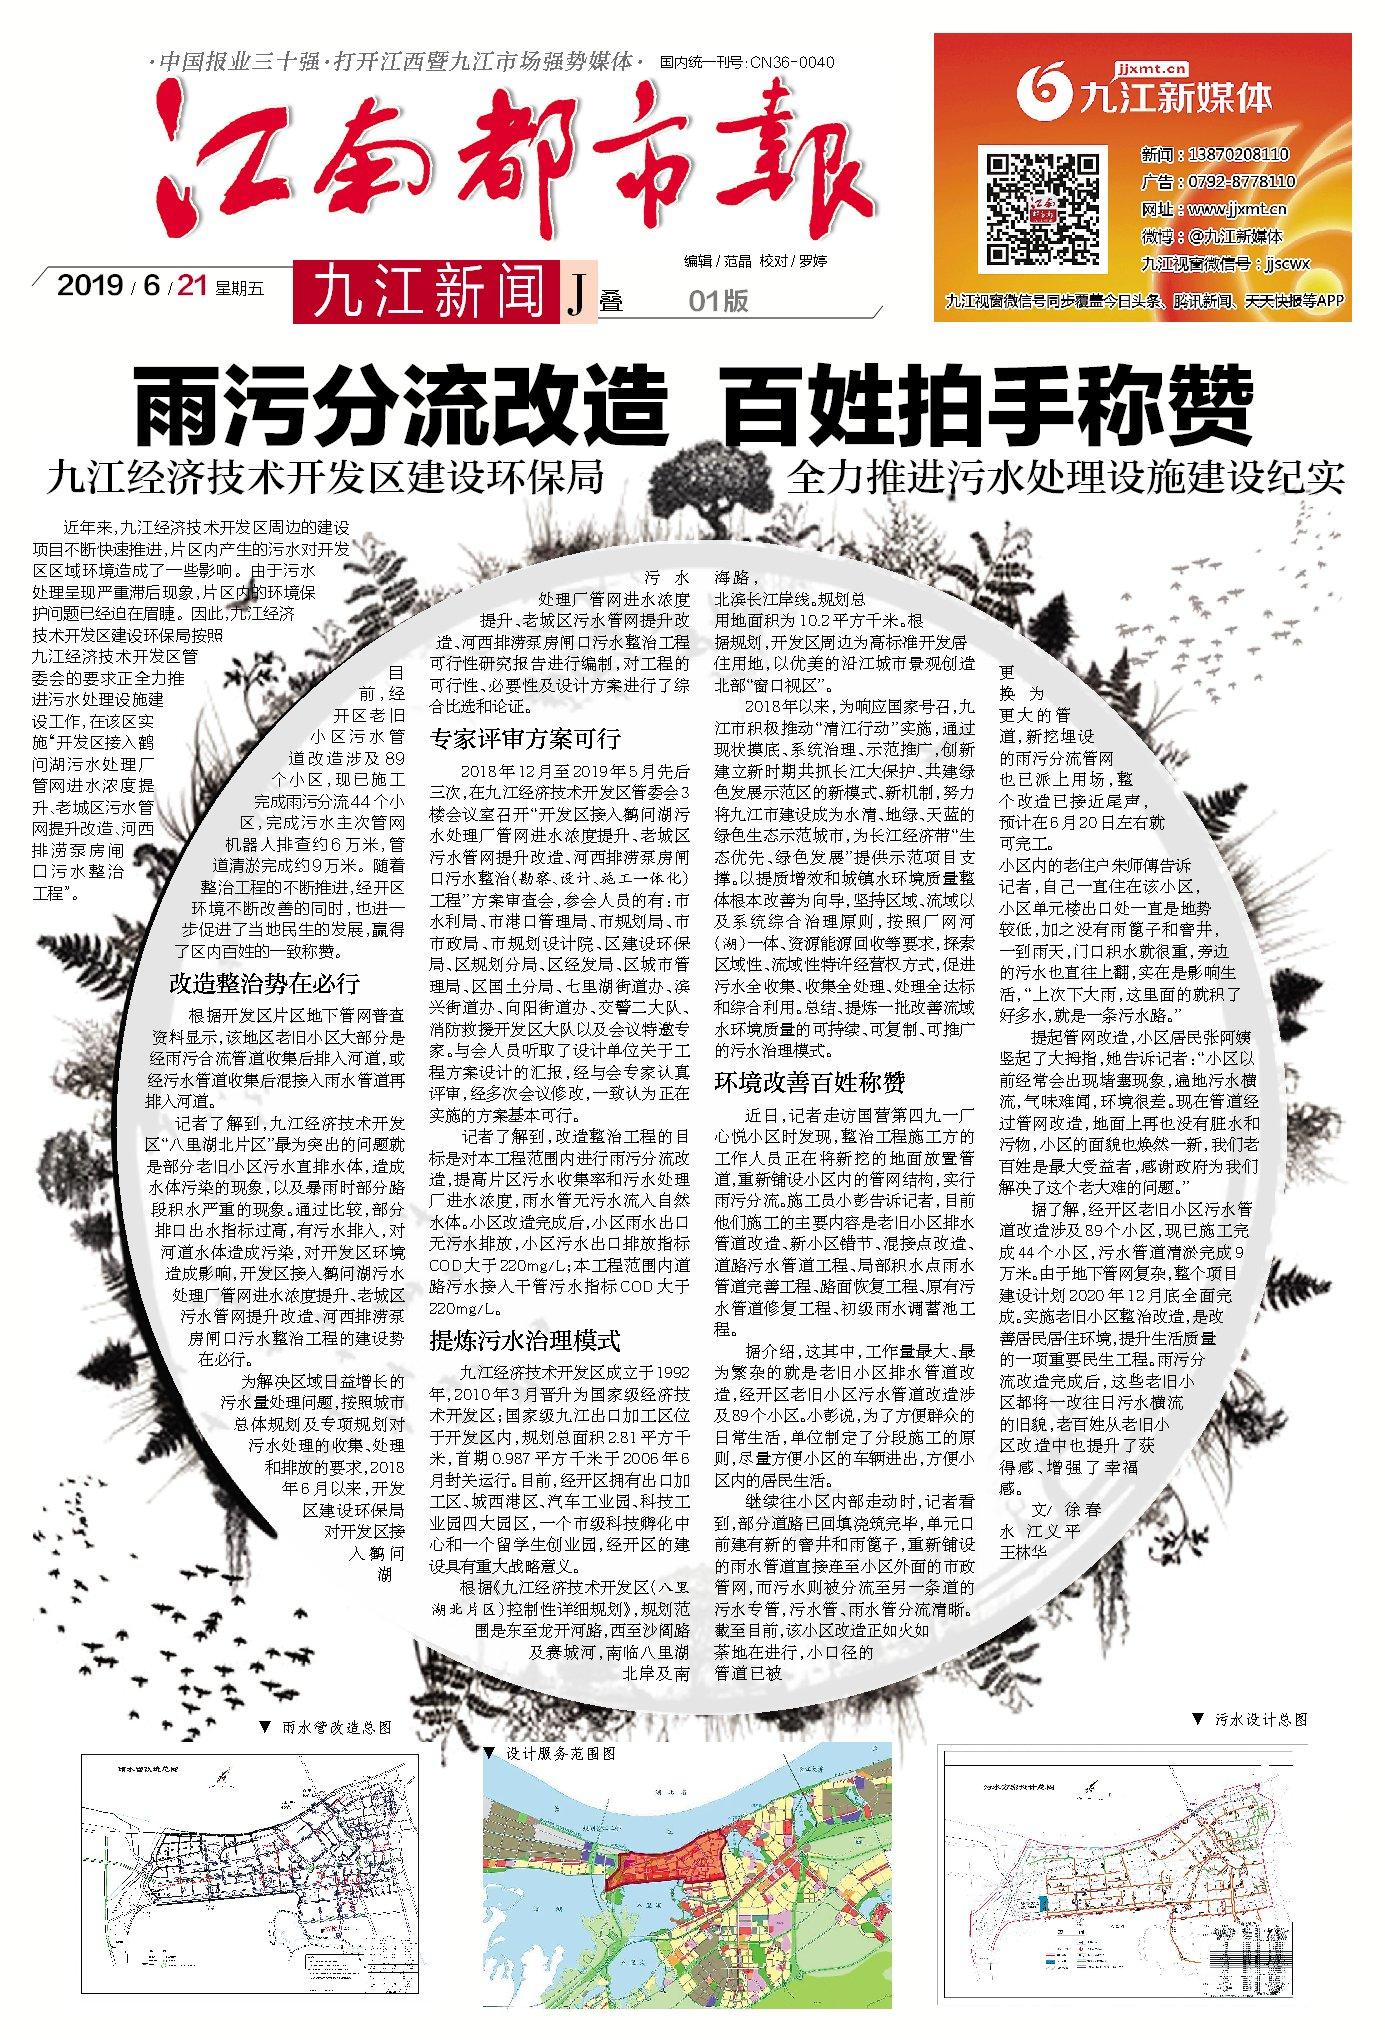 2019年6月21日江南都市报《亚博体育app苹果新闻》头 版